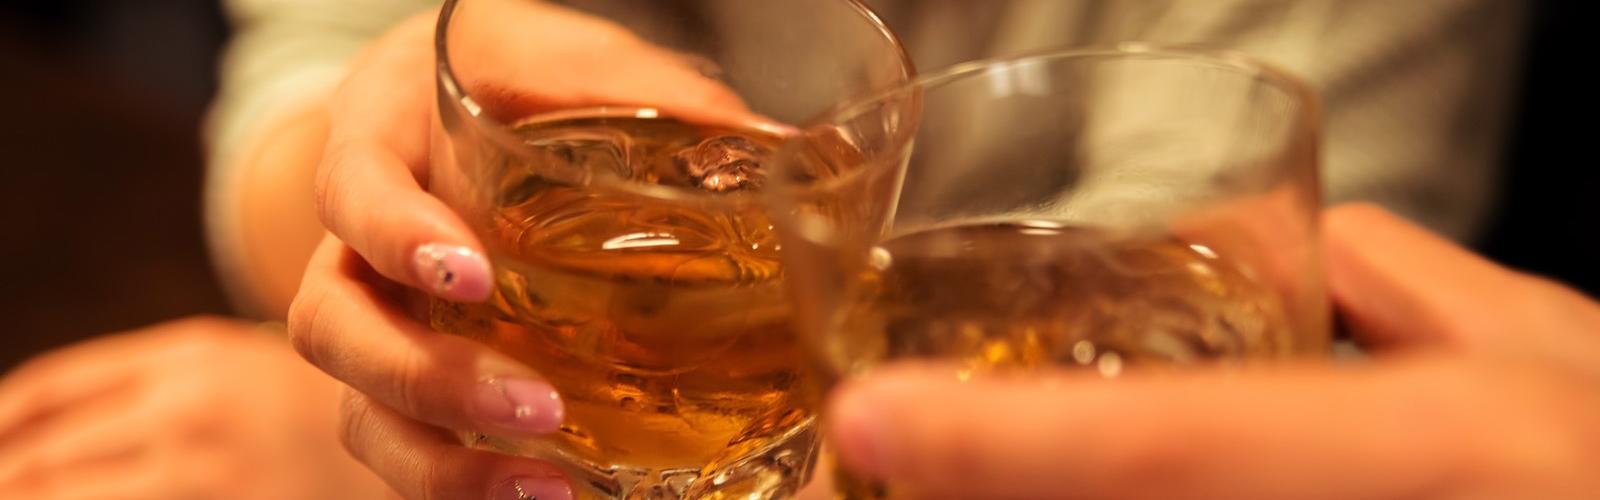 ウィスキーで大人の乾杯